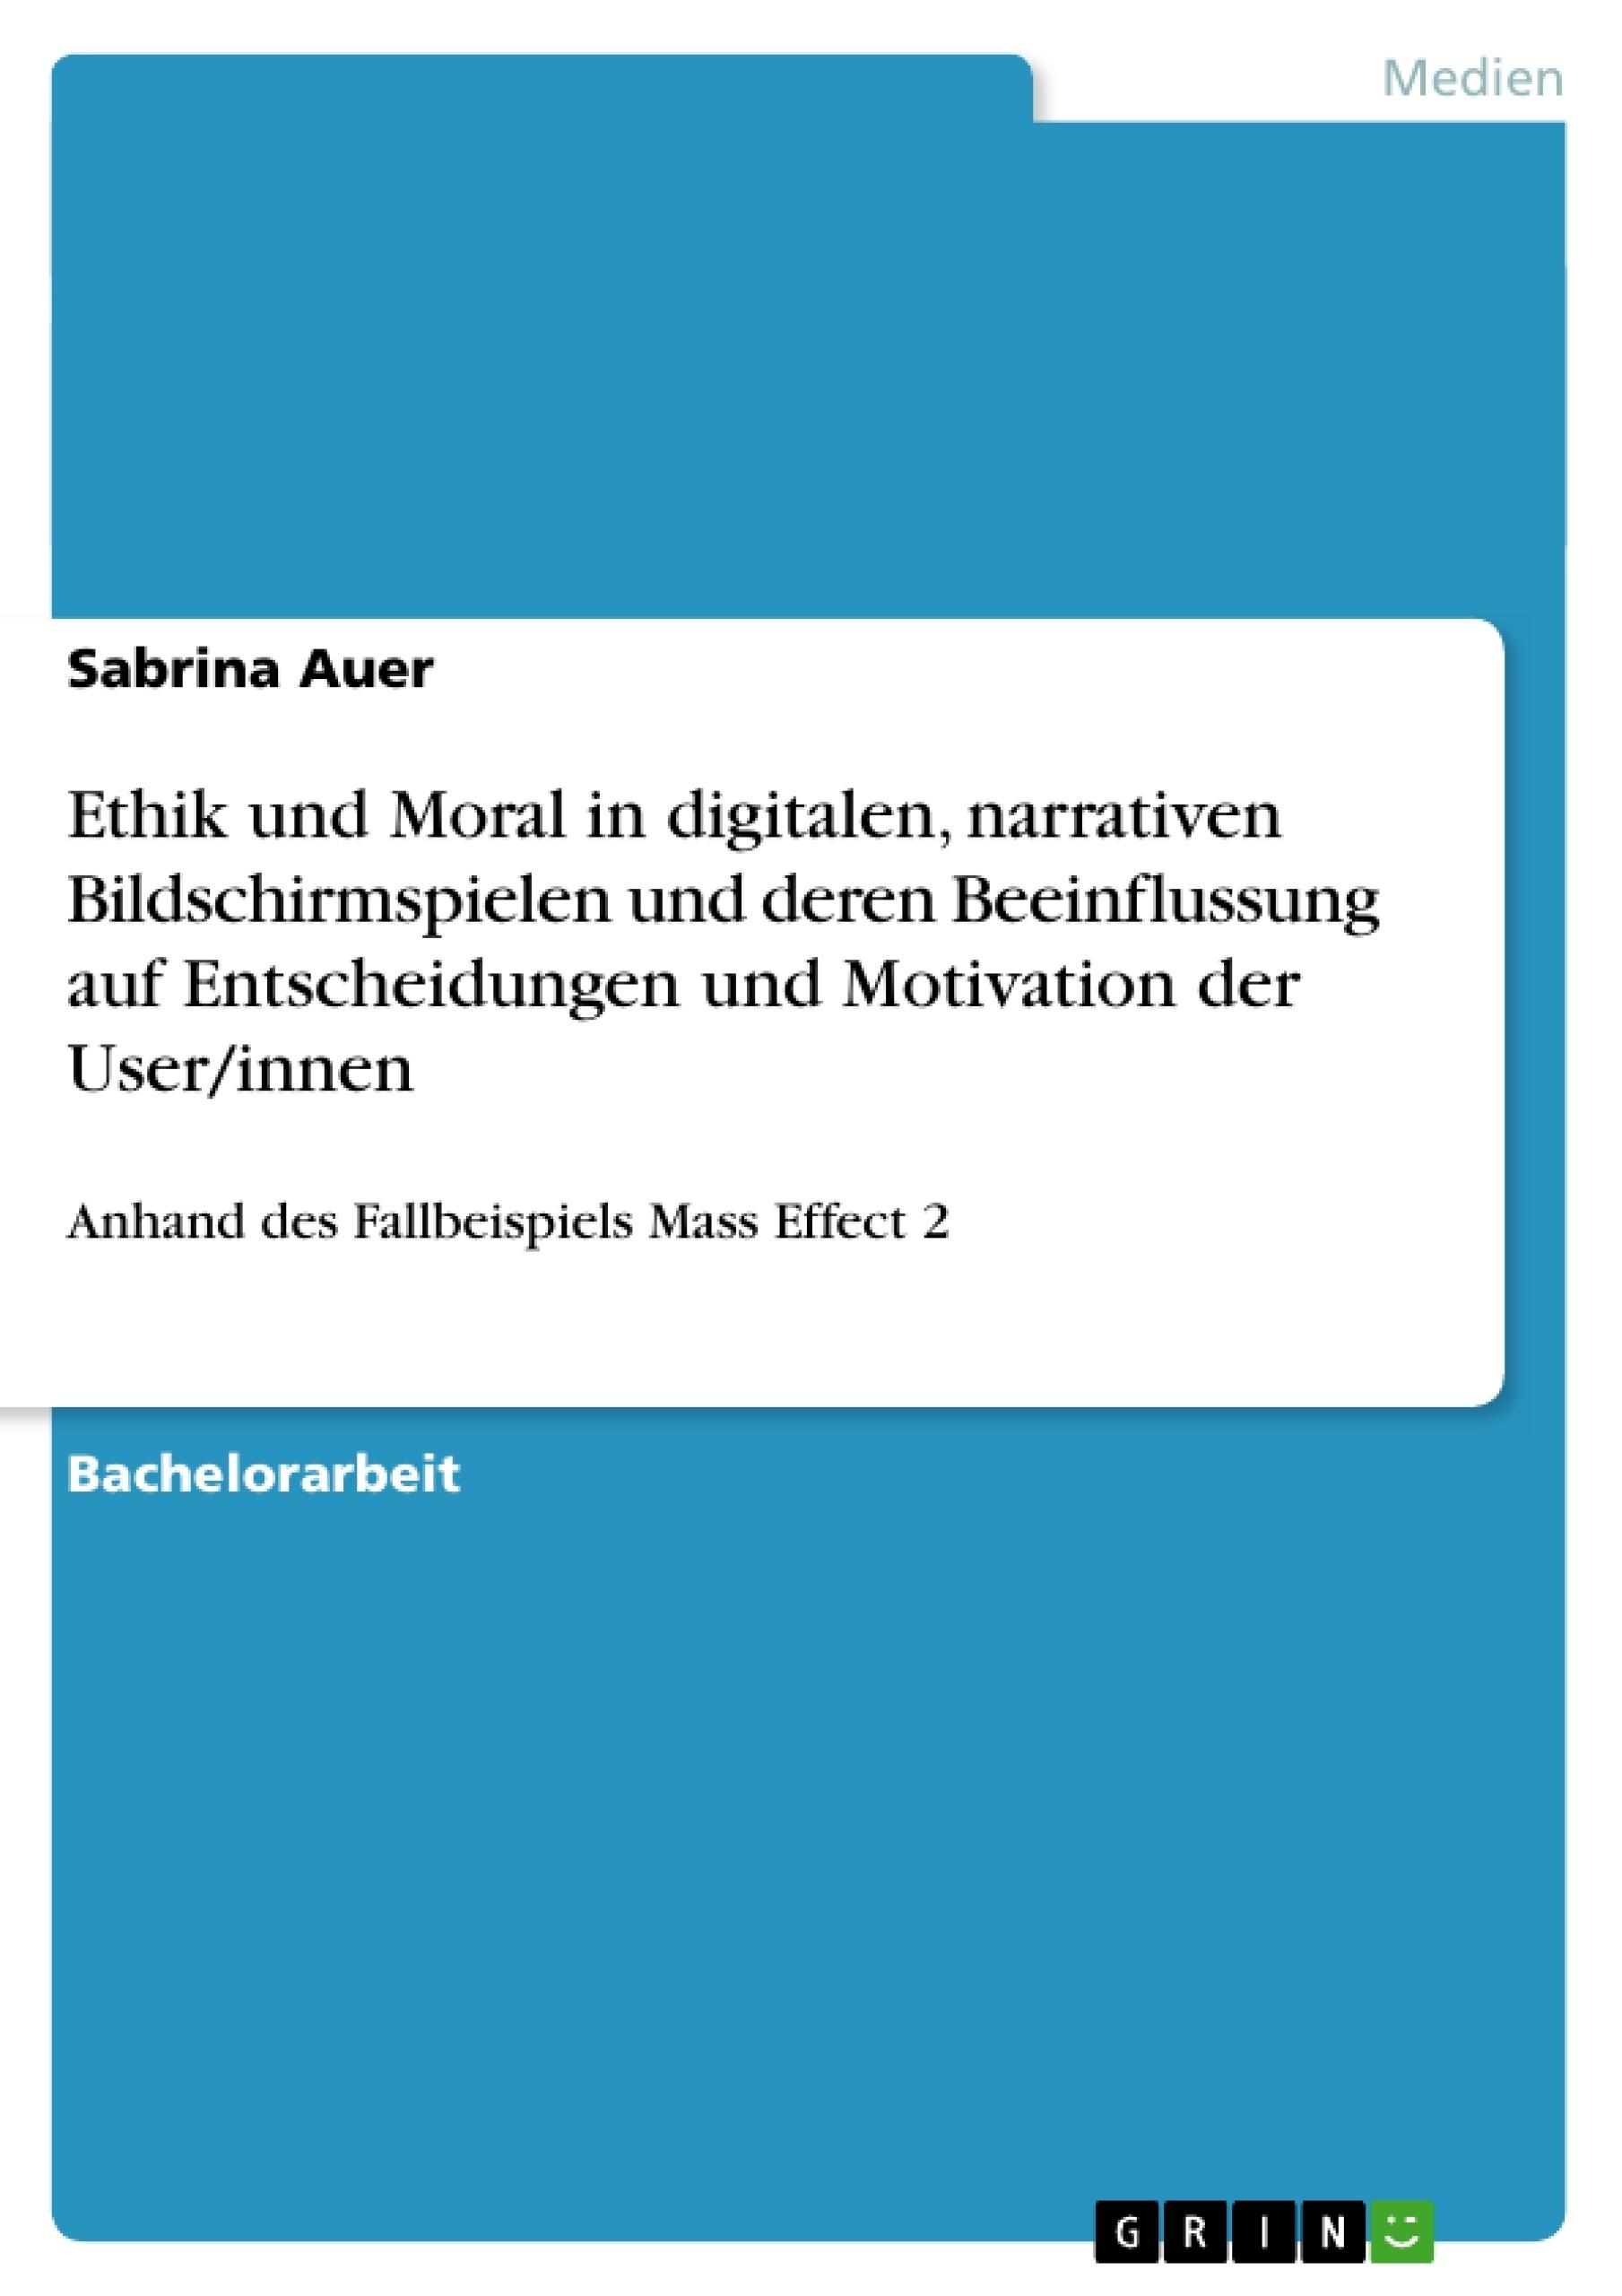 Titel: Ethik und Moral in digitalen, narrativen Bildschirmspielen und deren Beeinflussung auf Entscheidungen und Motivation der User/innen